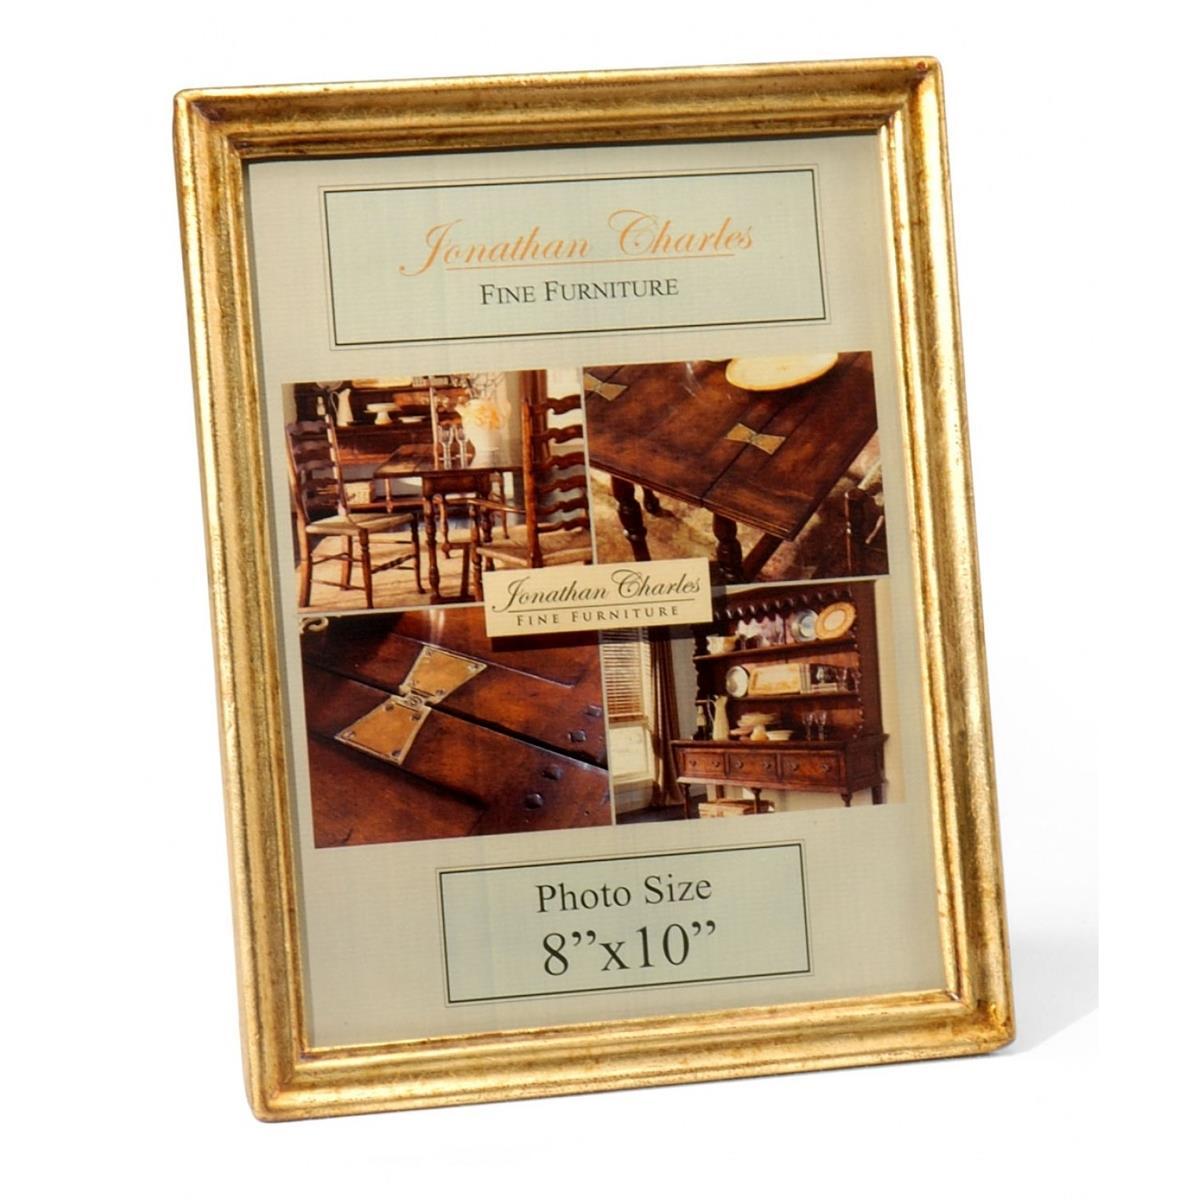 493357 Gilded Picture Frame - на 360.ru: цены, описание, характеристики, где купить в Москве.